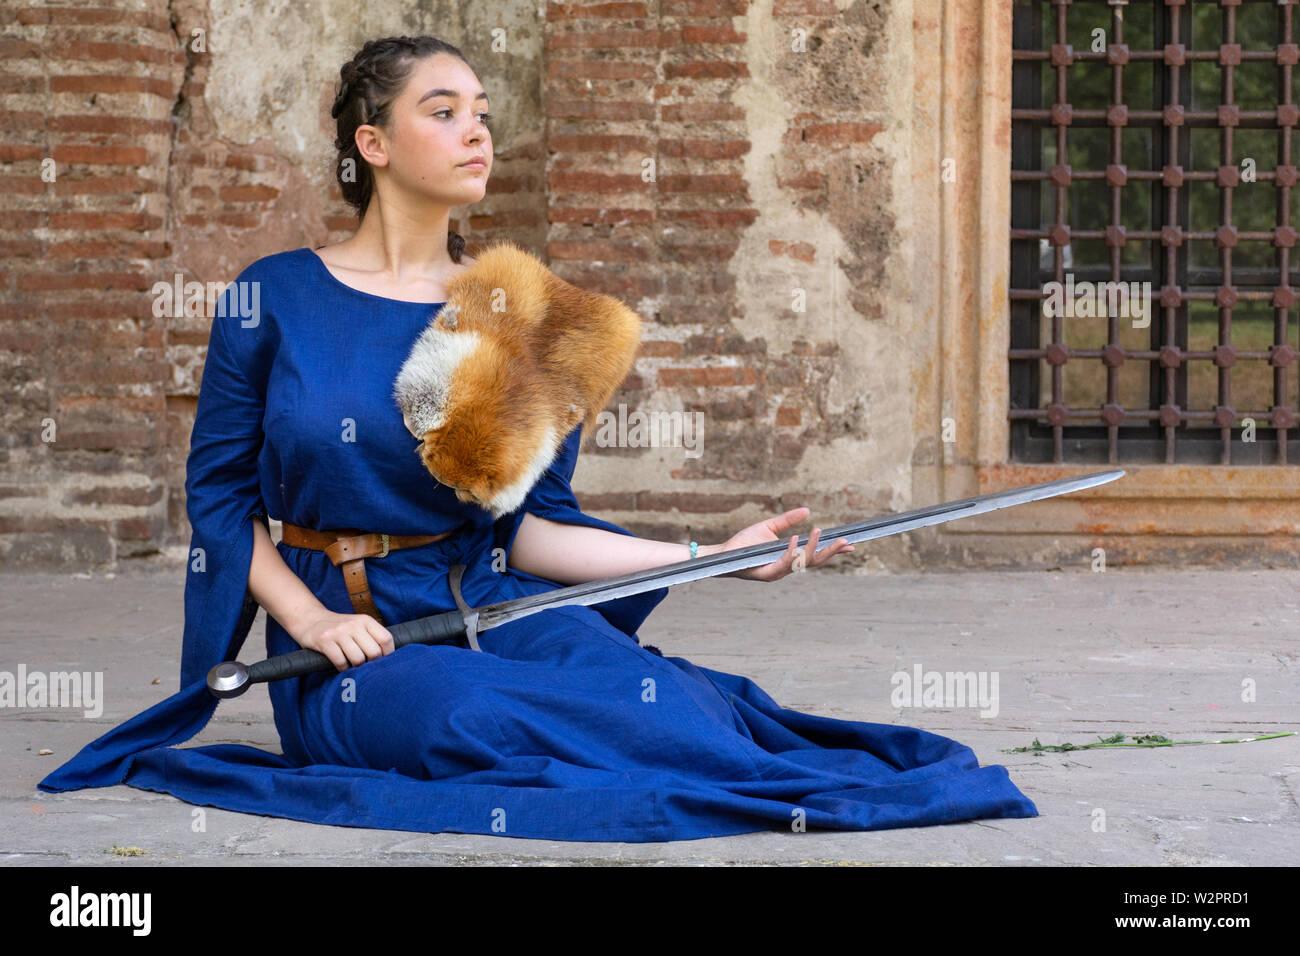 Nis, Serbie - 15 juin. 2019 dame médiévale dans une robe bleue avec fourrure de renard sur l'épaule est titulaire d'une épée dans ses mains et se repose sur le plancher Banque D'Images